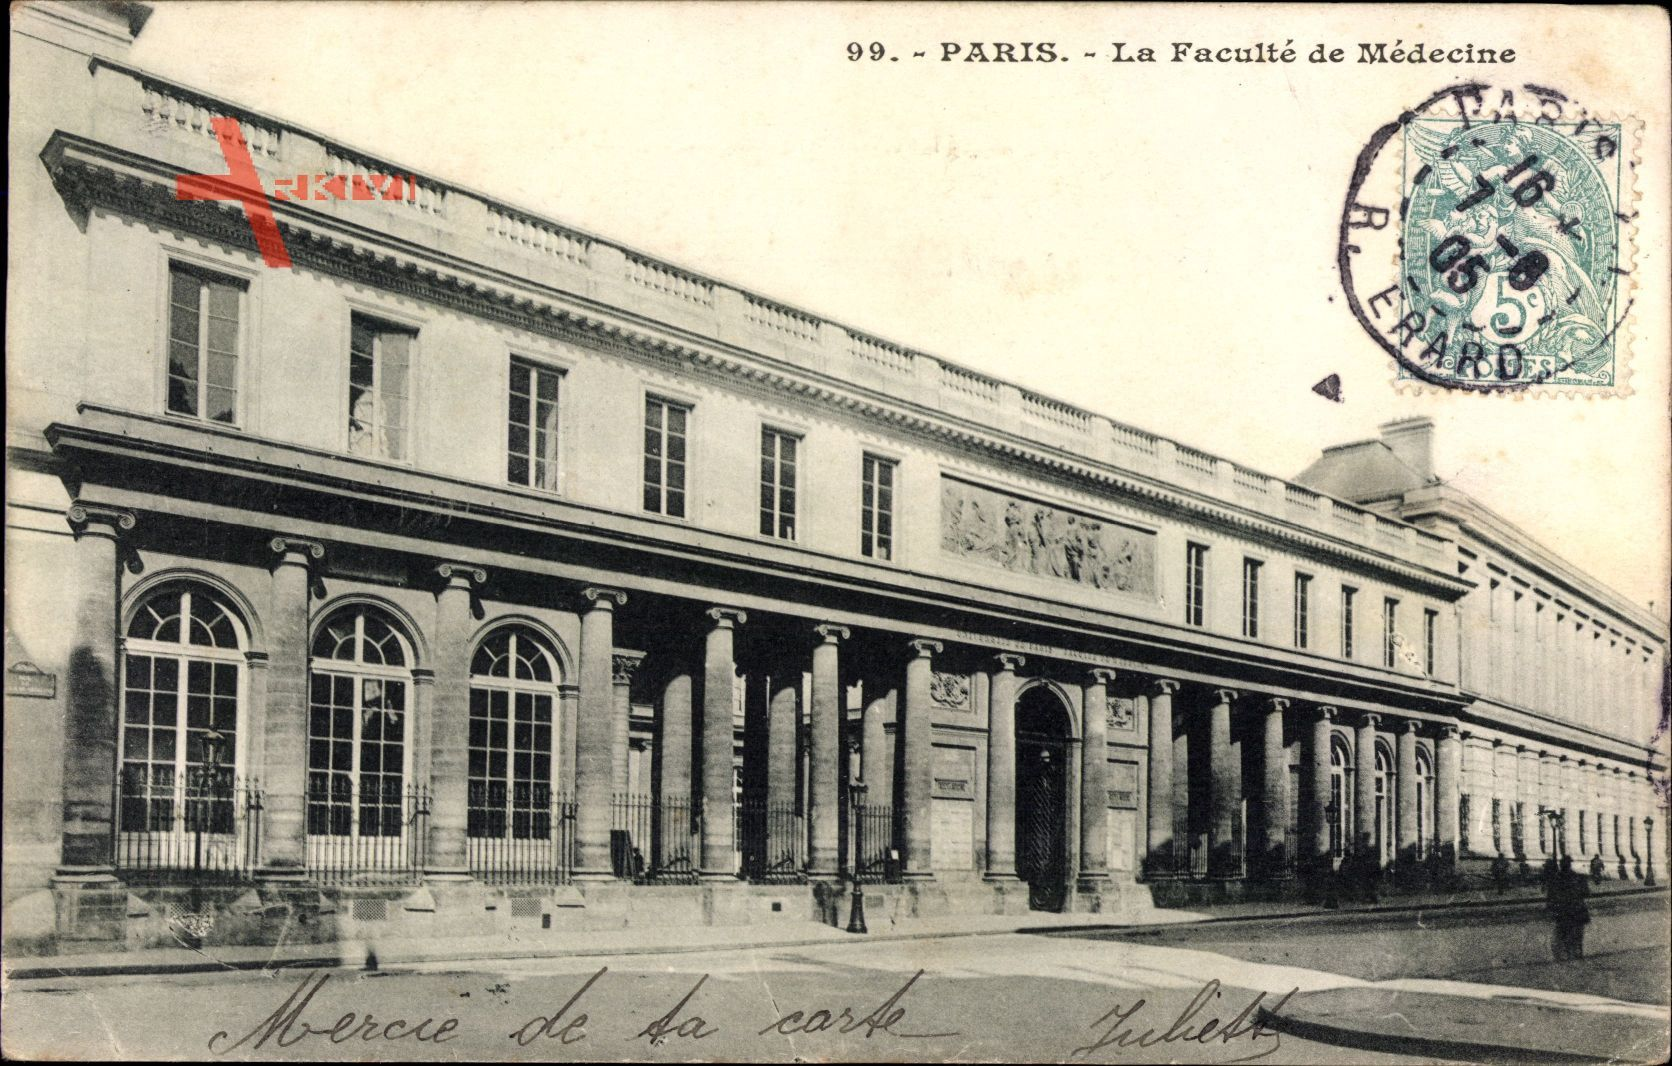 Paris, La Faculté de Médecine, Medizinische Fakultät